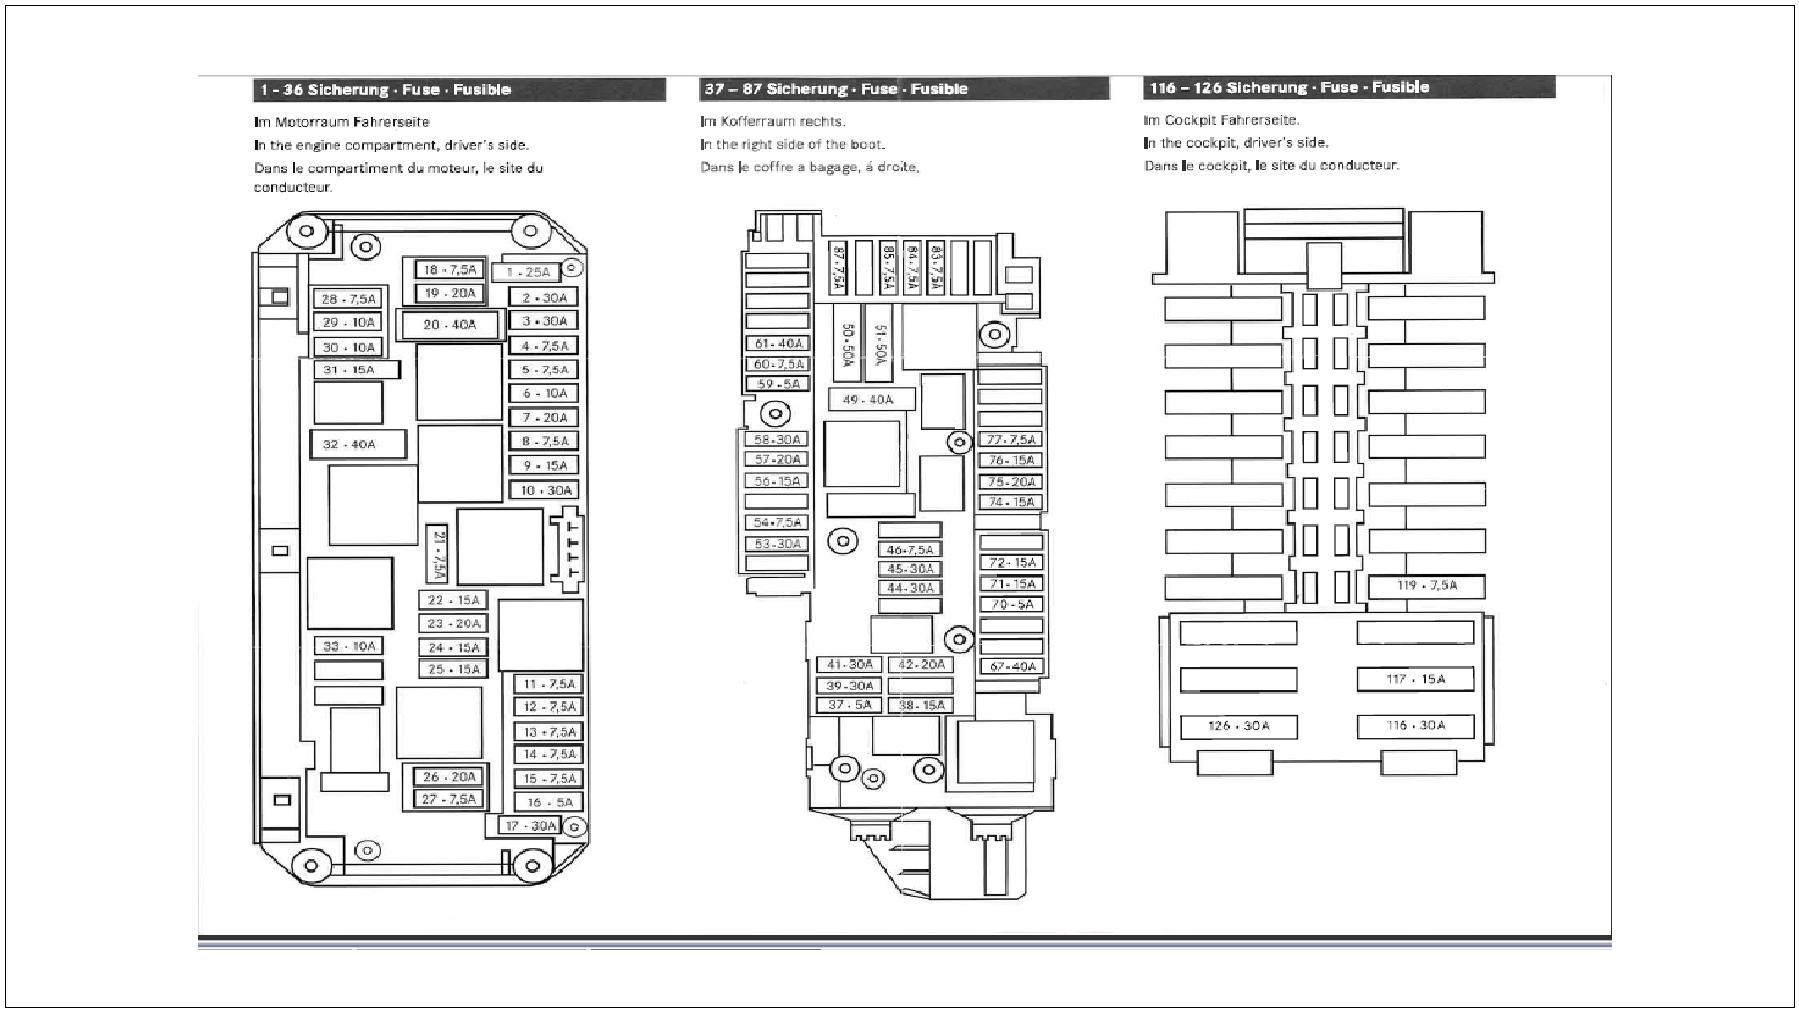 mercedes benz c200 fuse box diagram